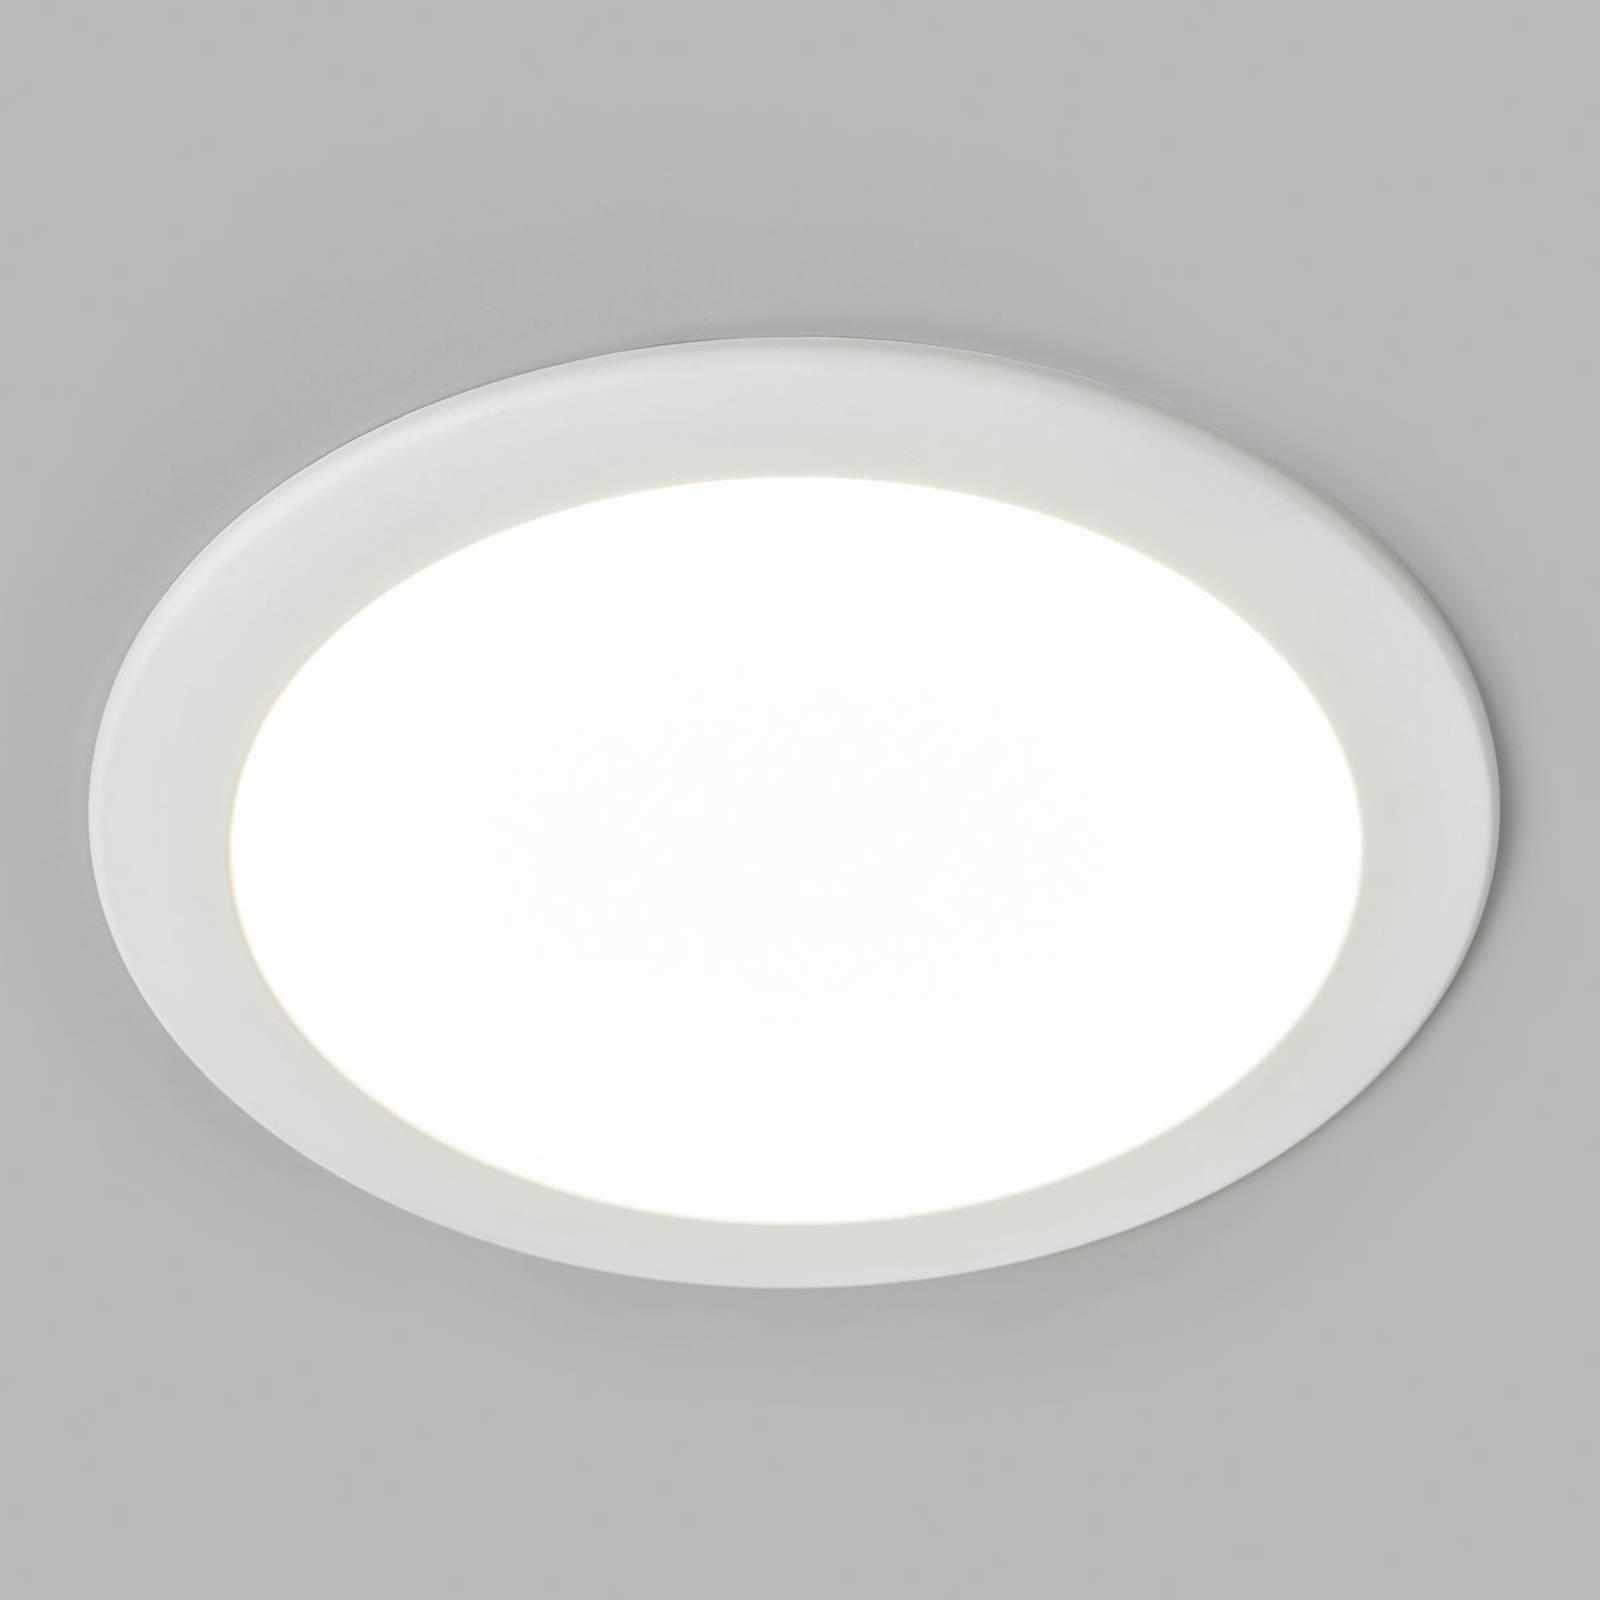 LED-kohdevalo Joki valkoinen 4000K pyöreä 24cm